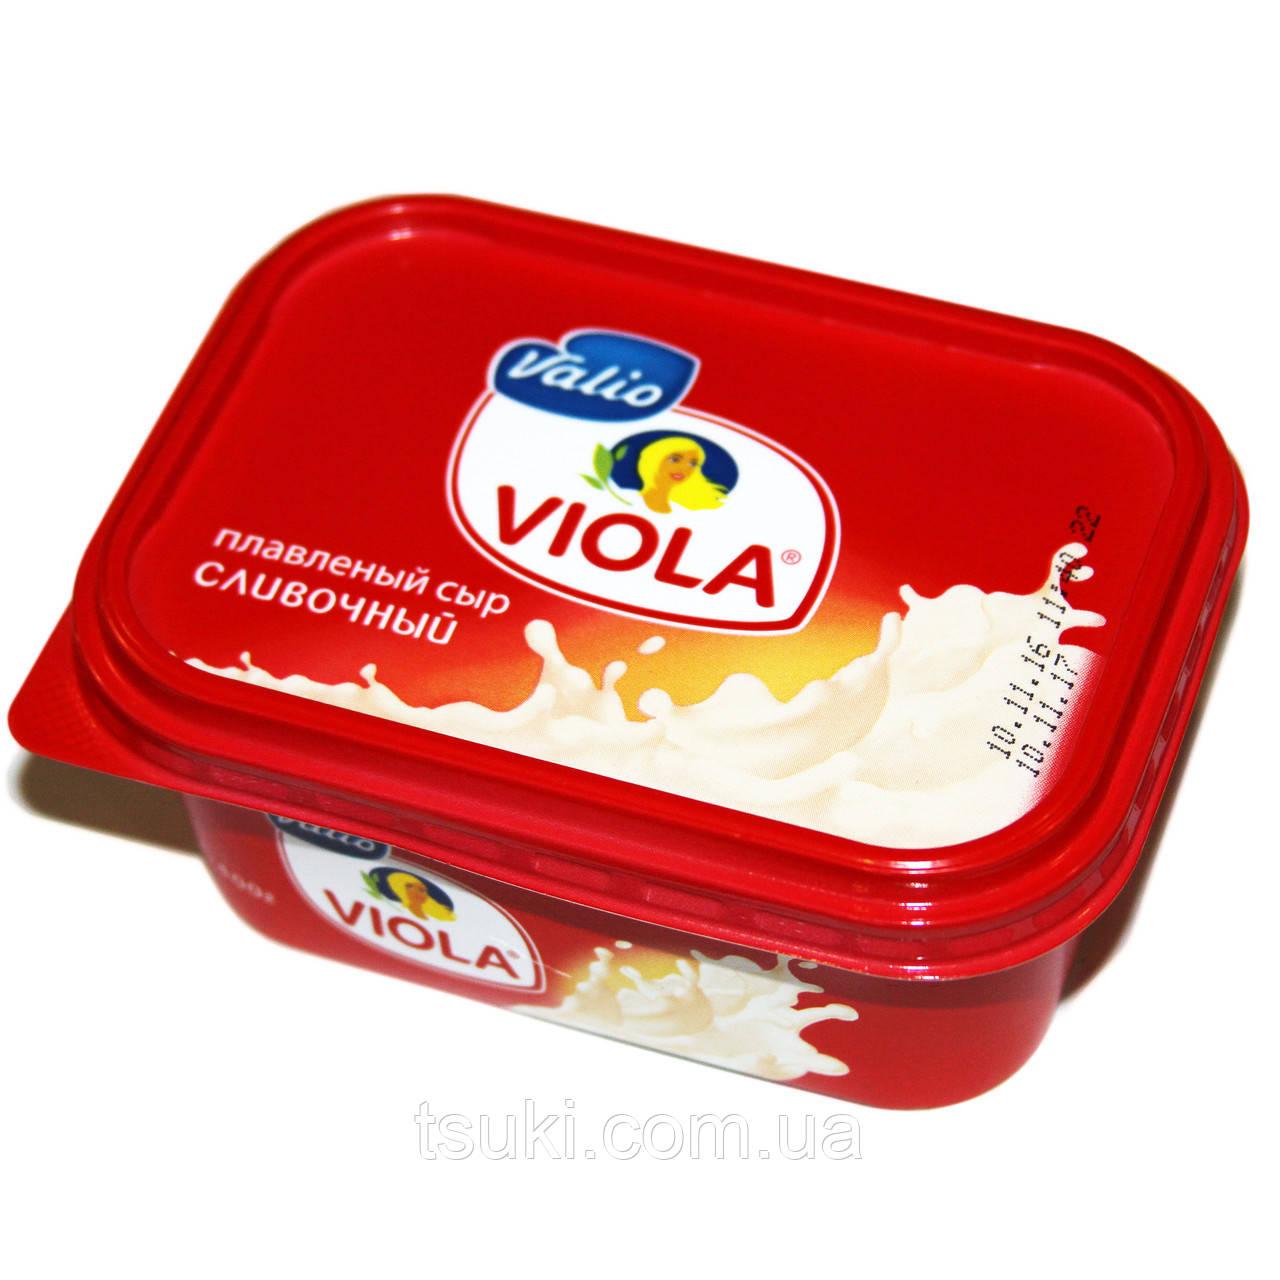 Сыр плавленный сливочный Виола 60% 400г  Финляндия